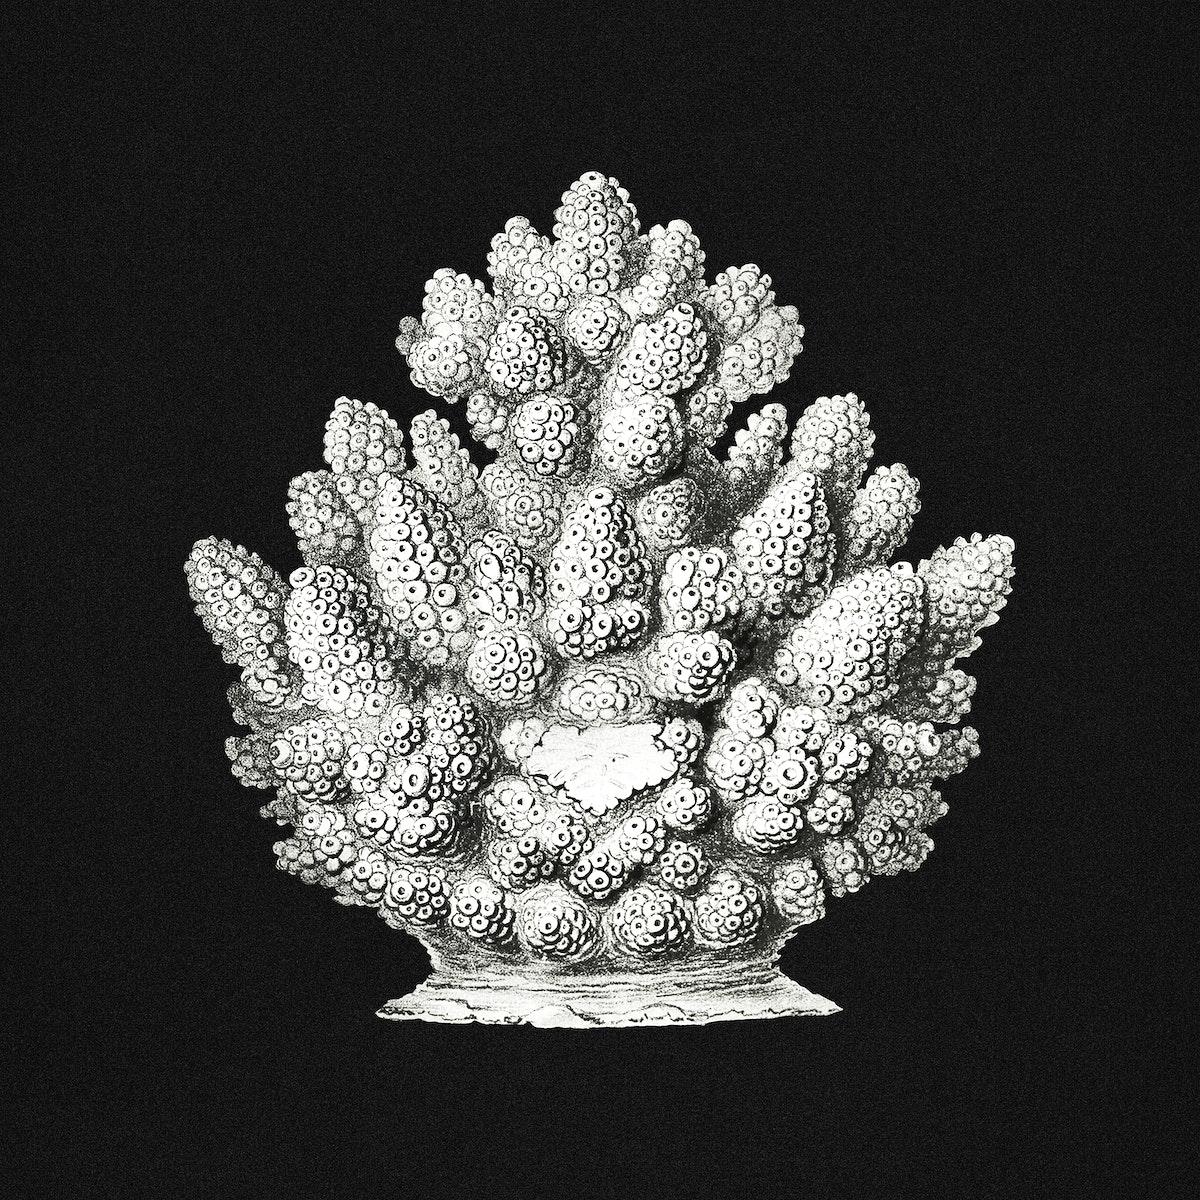 Vintage coral marine life illustration